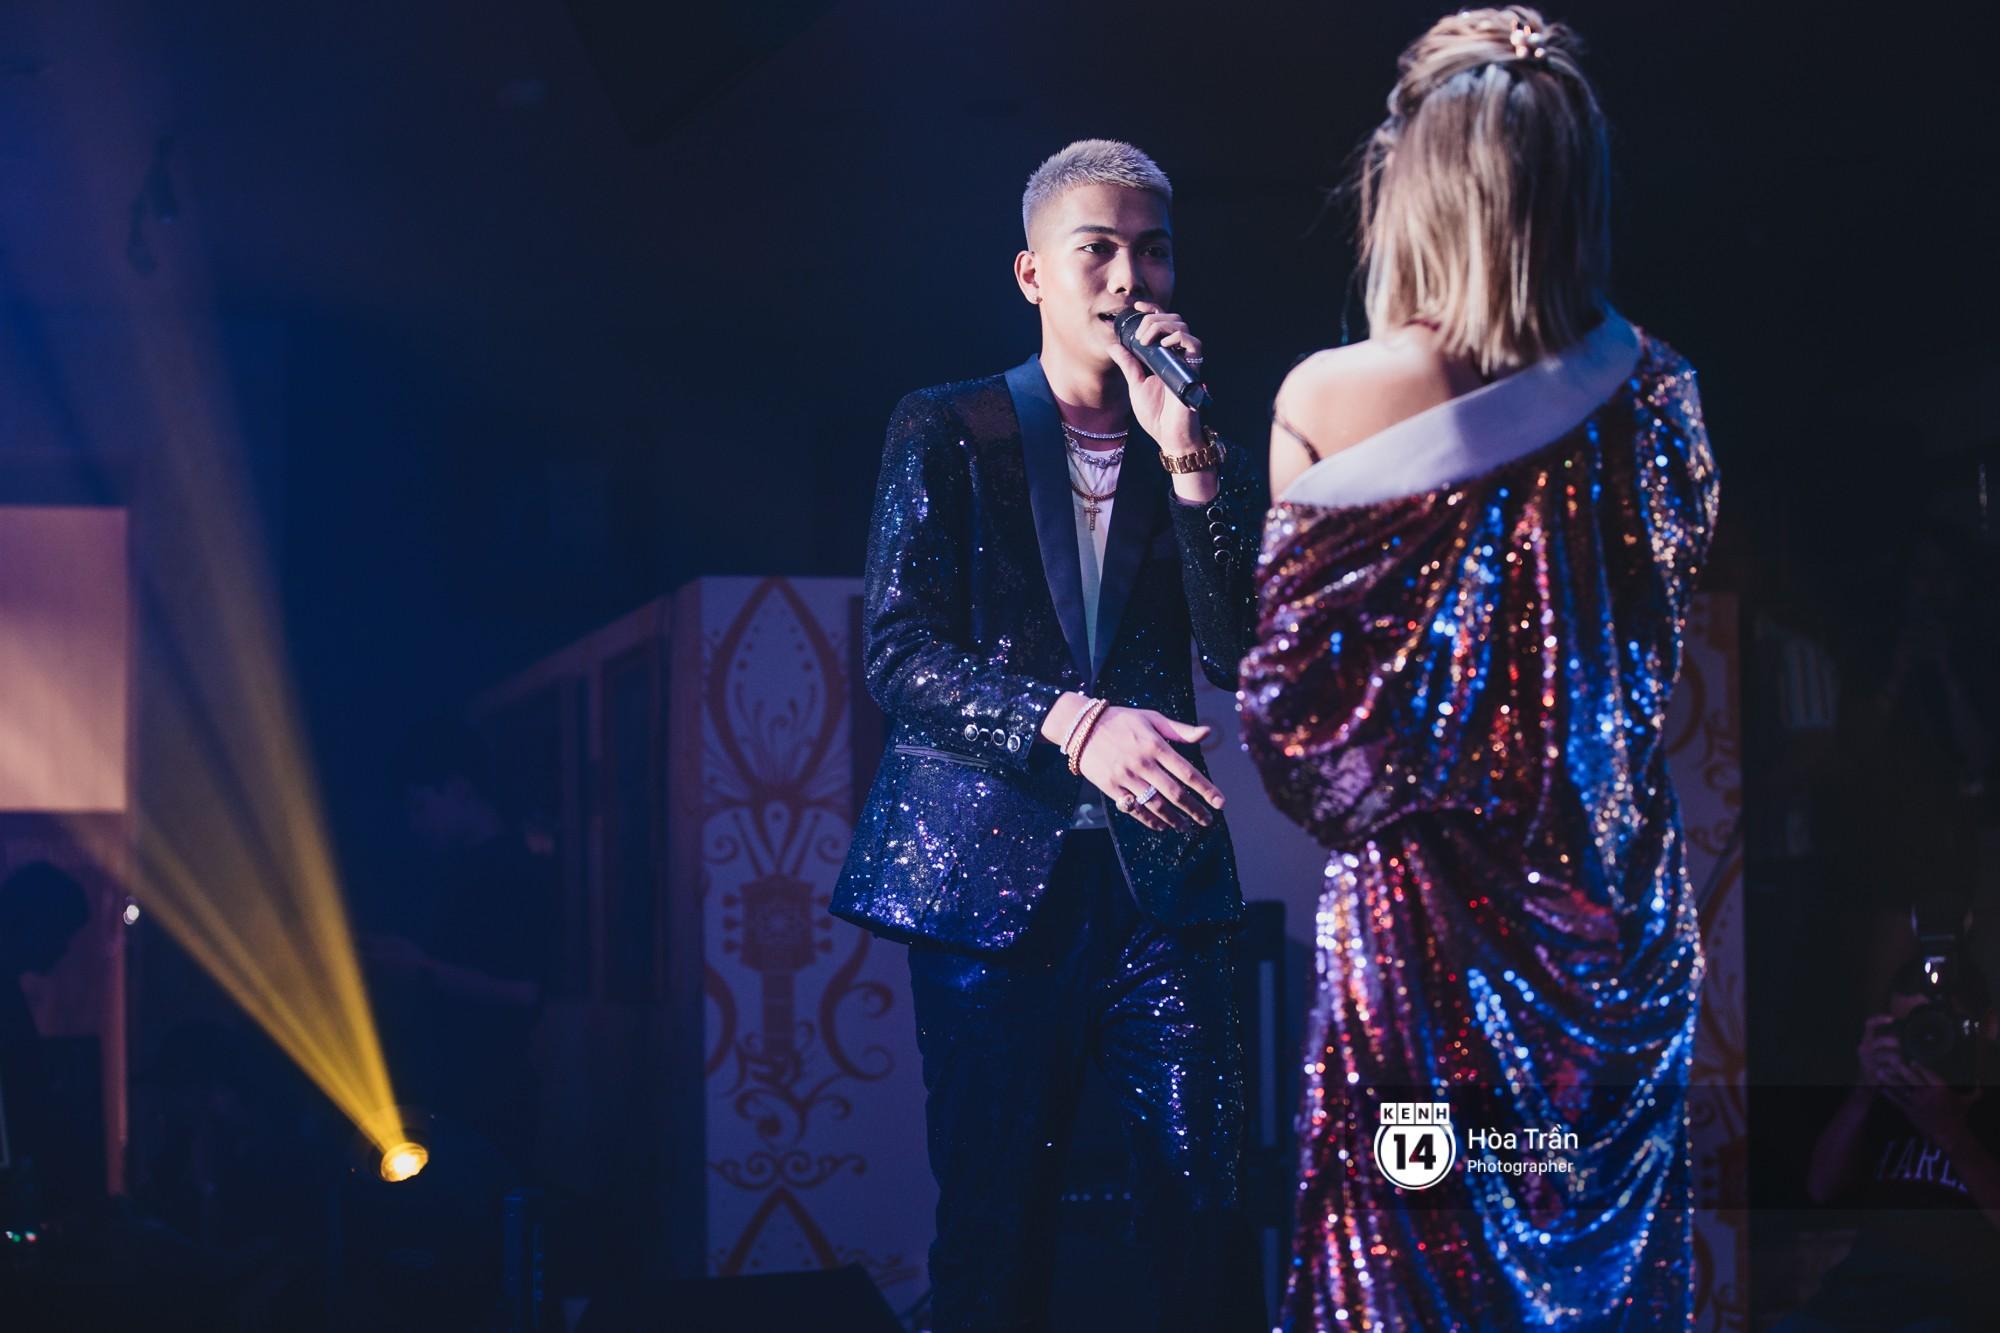 Emily và Big Daddy khóa môi nhau cực ngọt, công khai nói lời yêu lãng mạn tại concert đầu tiên trong sự nghiệp - Ảnh 10.